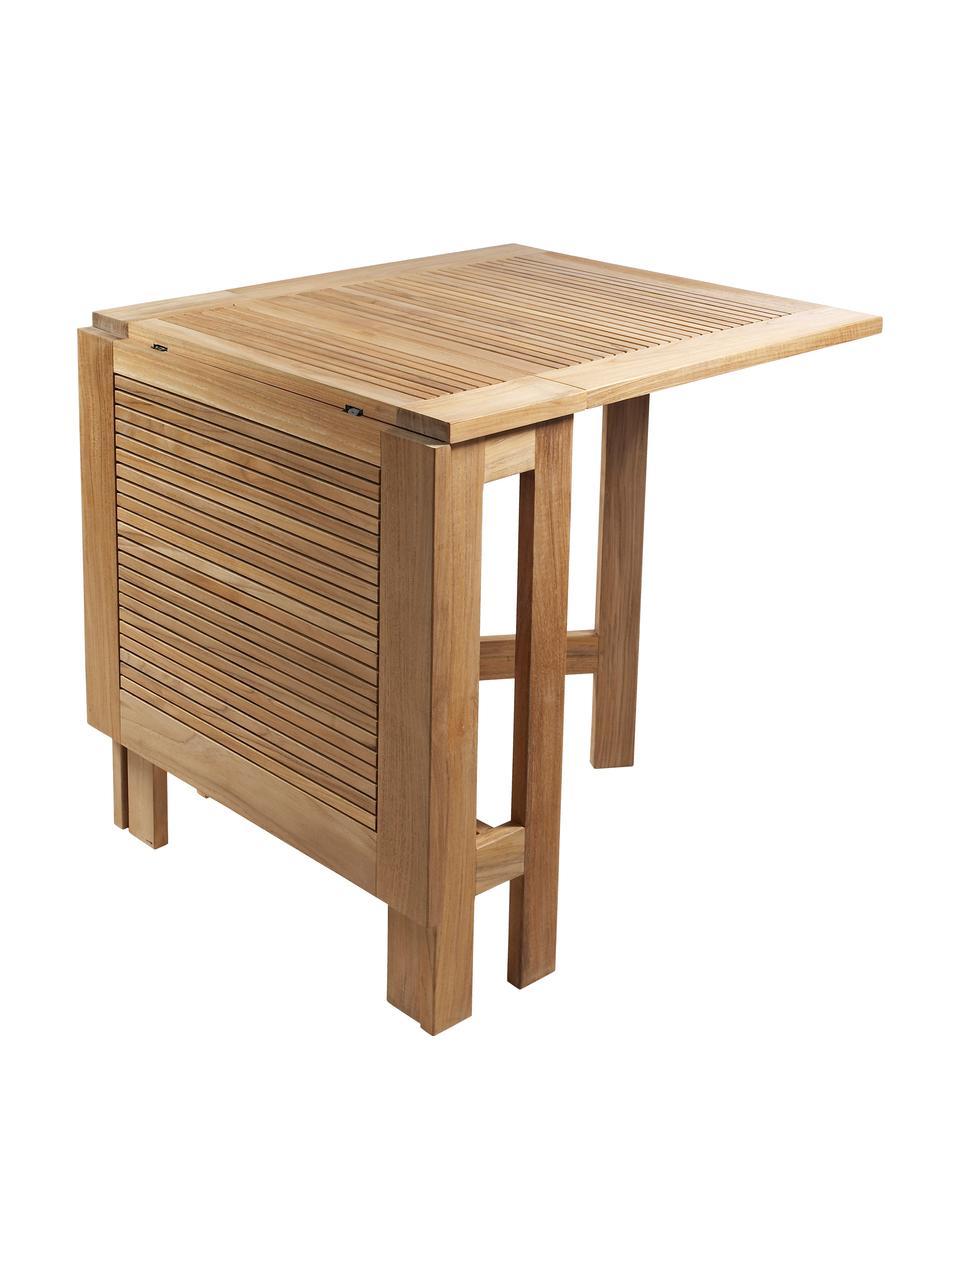 Verlängerbarer Gartentisch Butterfly aus Holz, Teakholz, geschliffen, Teak, 130 x 72 cm